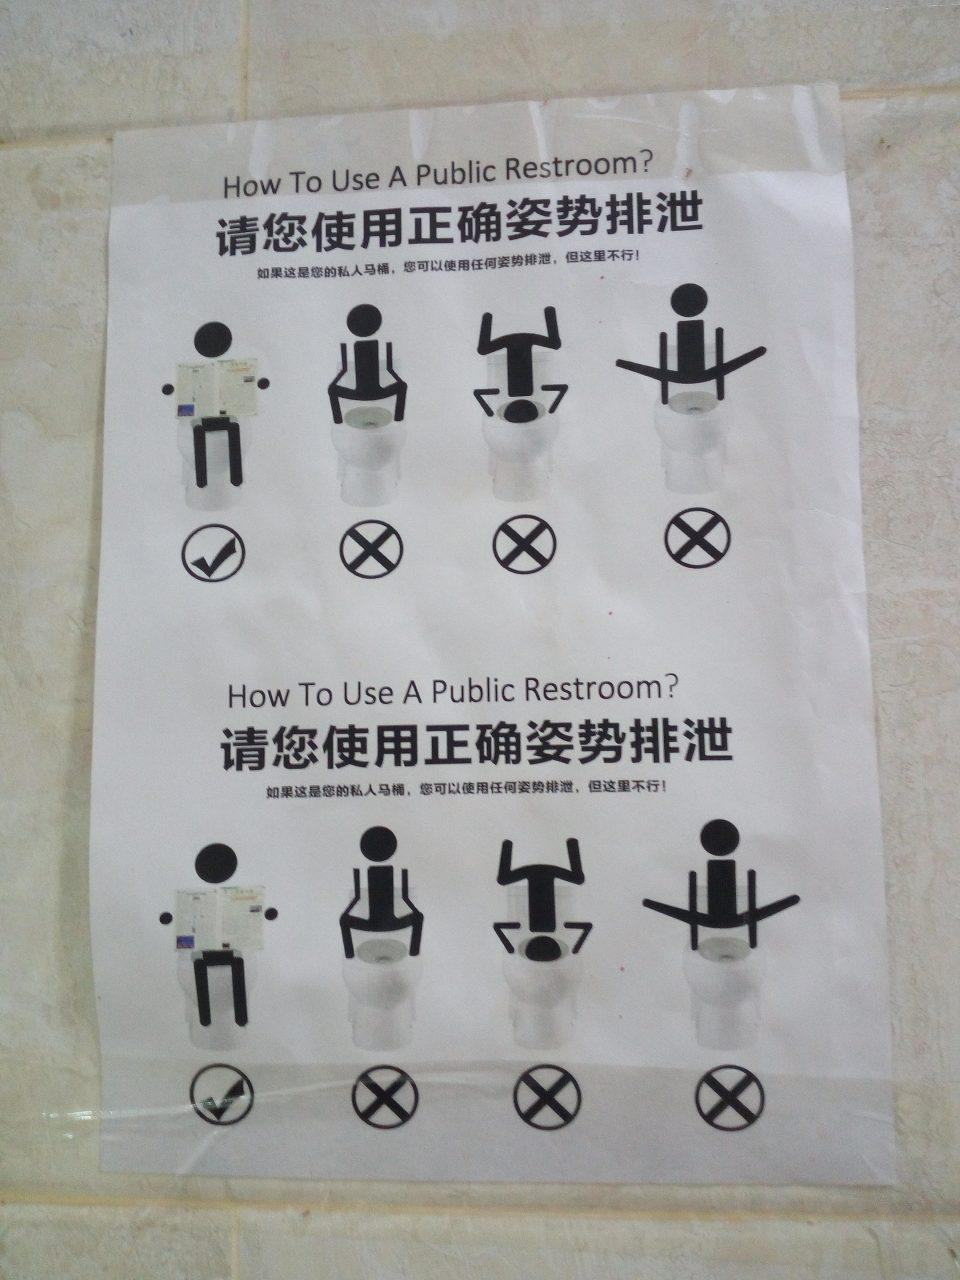 Bagni Thailandesi - istruzioni per l'uso